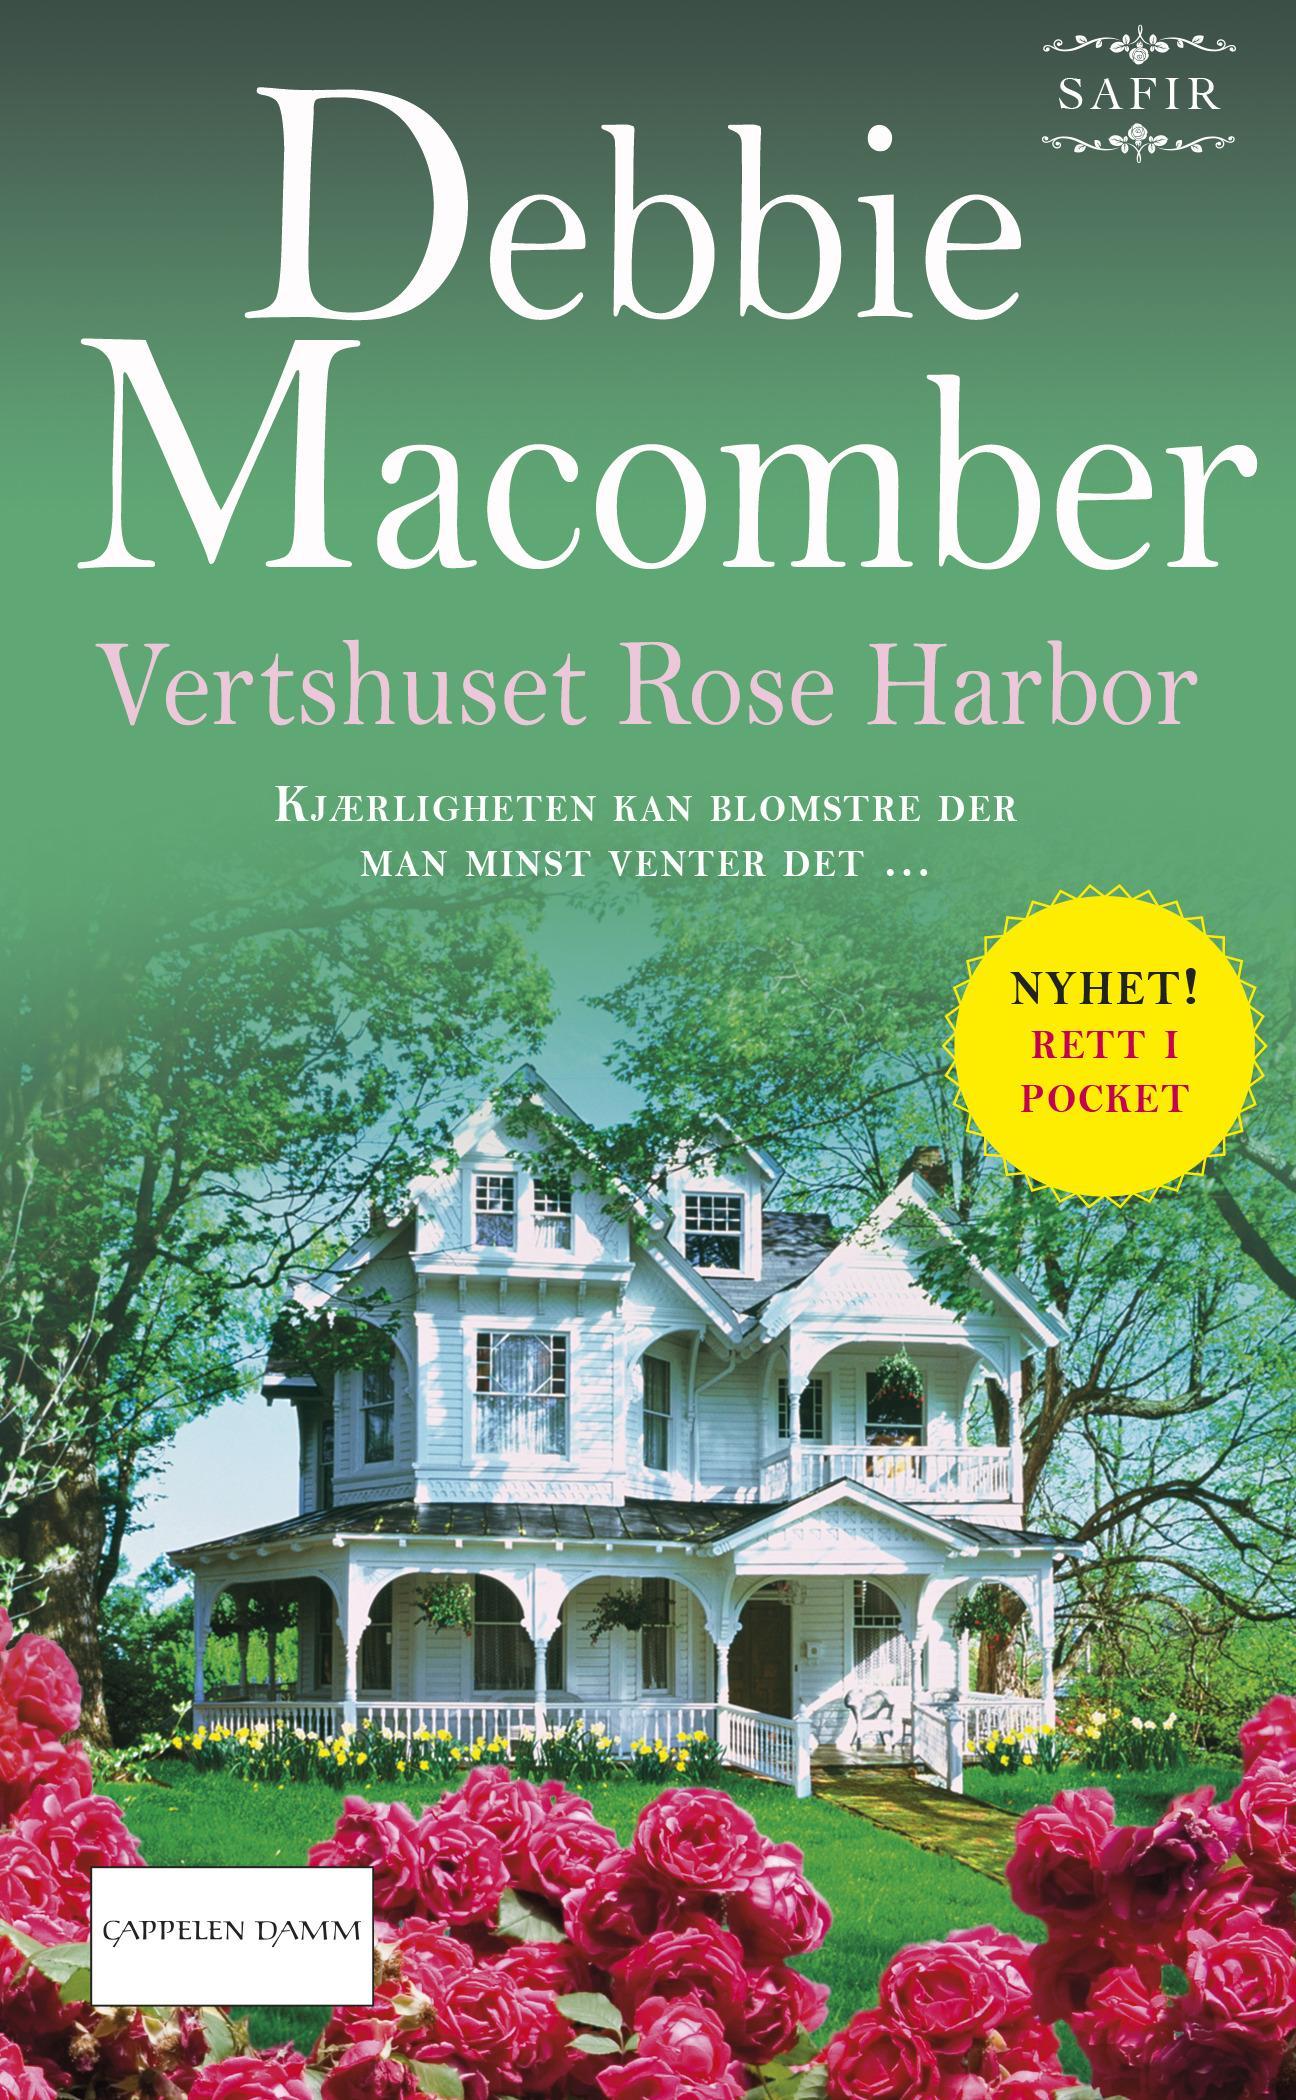 """""""Vertshuset Rose Harbor"""" av Debbie Macomber"""